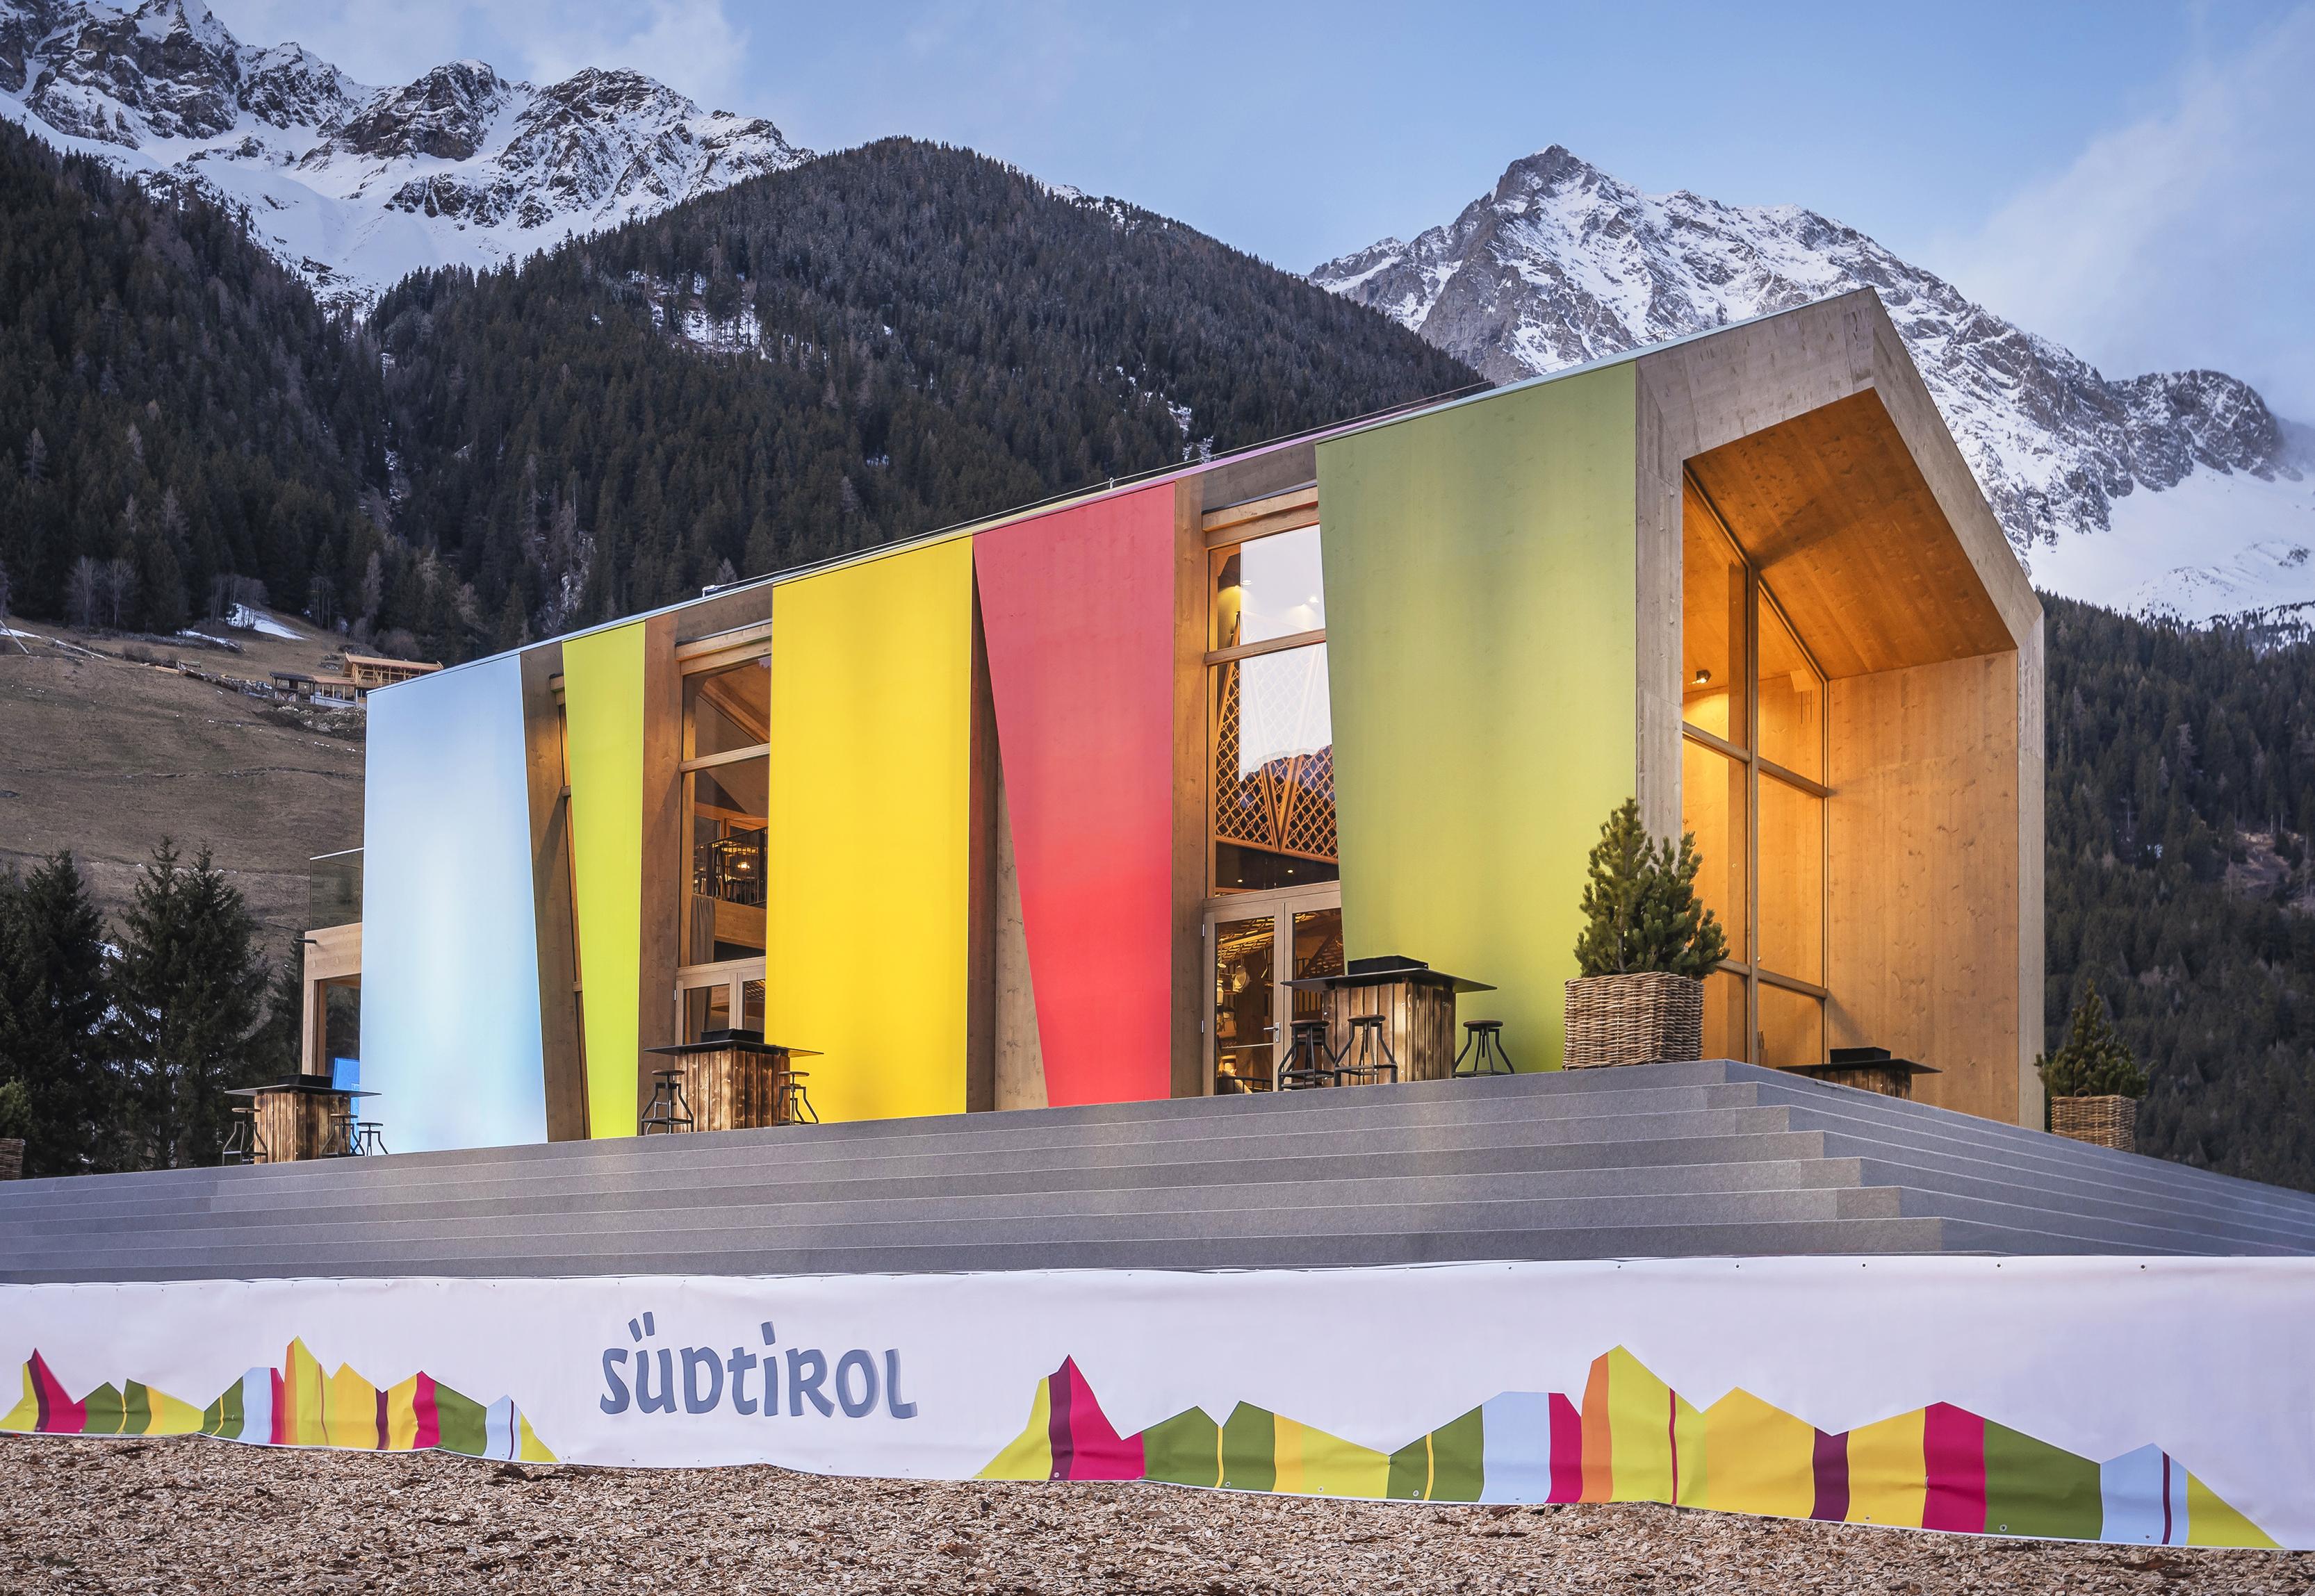 Rubner Haus:  realizzata la Südtirol Home per il campionato del mondo  di biathlon ad Anterselva